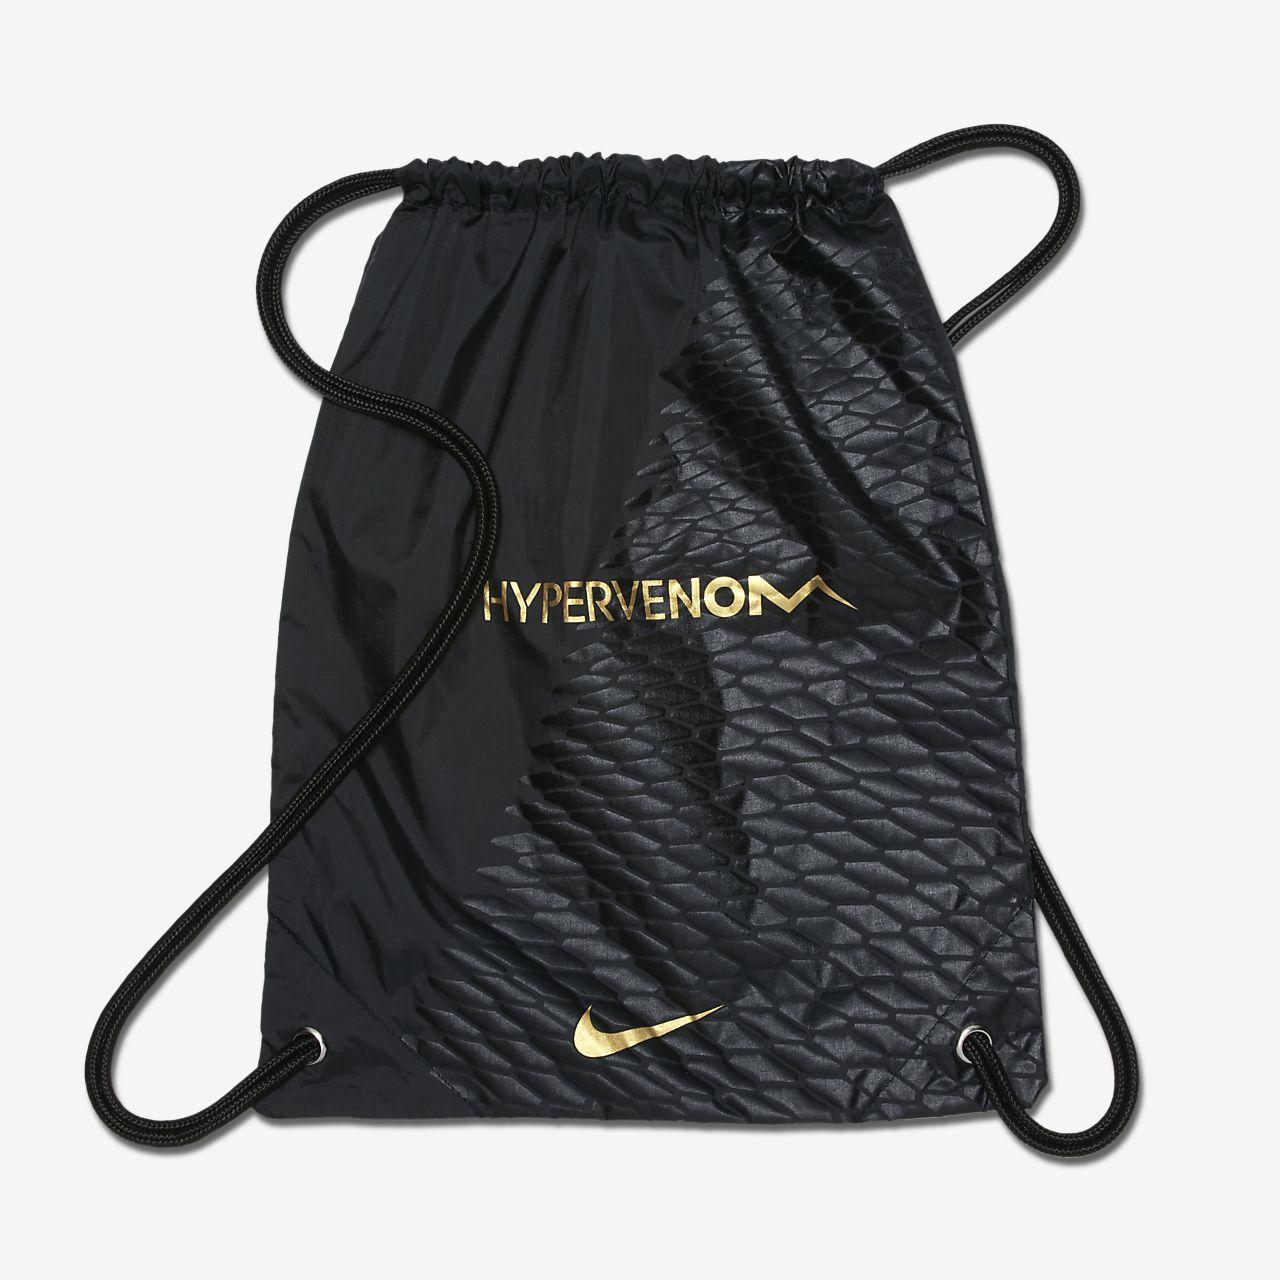 Nike Hypervenom III Elite Fußballschuh für normalen Rasen